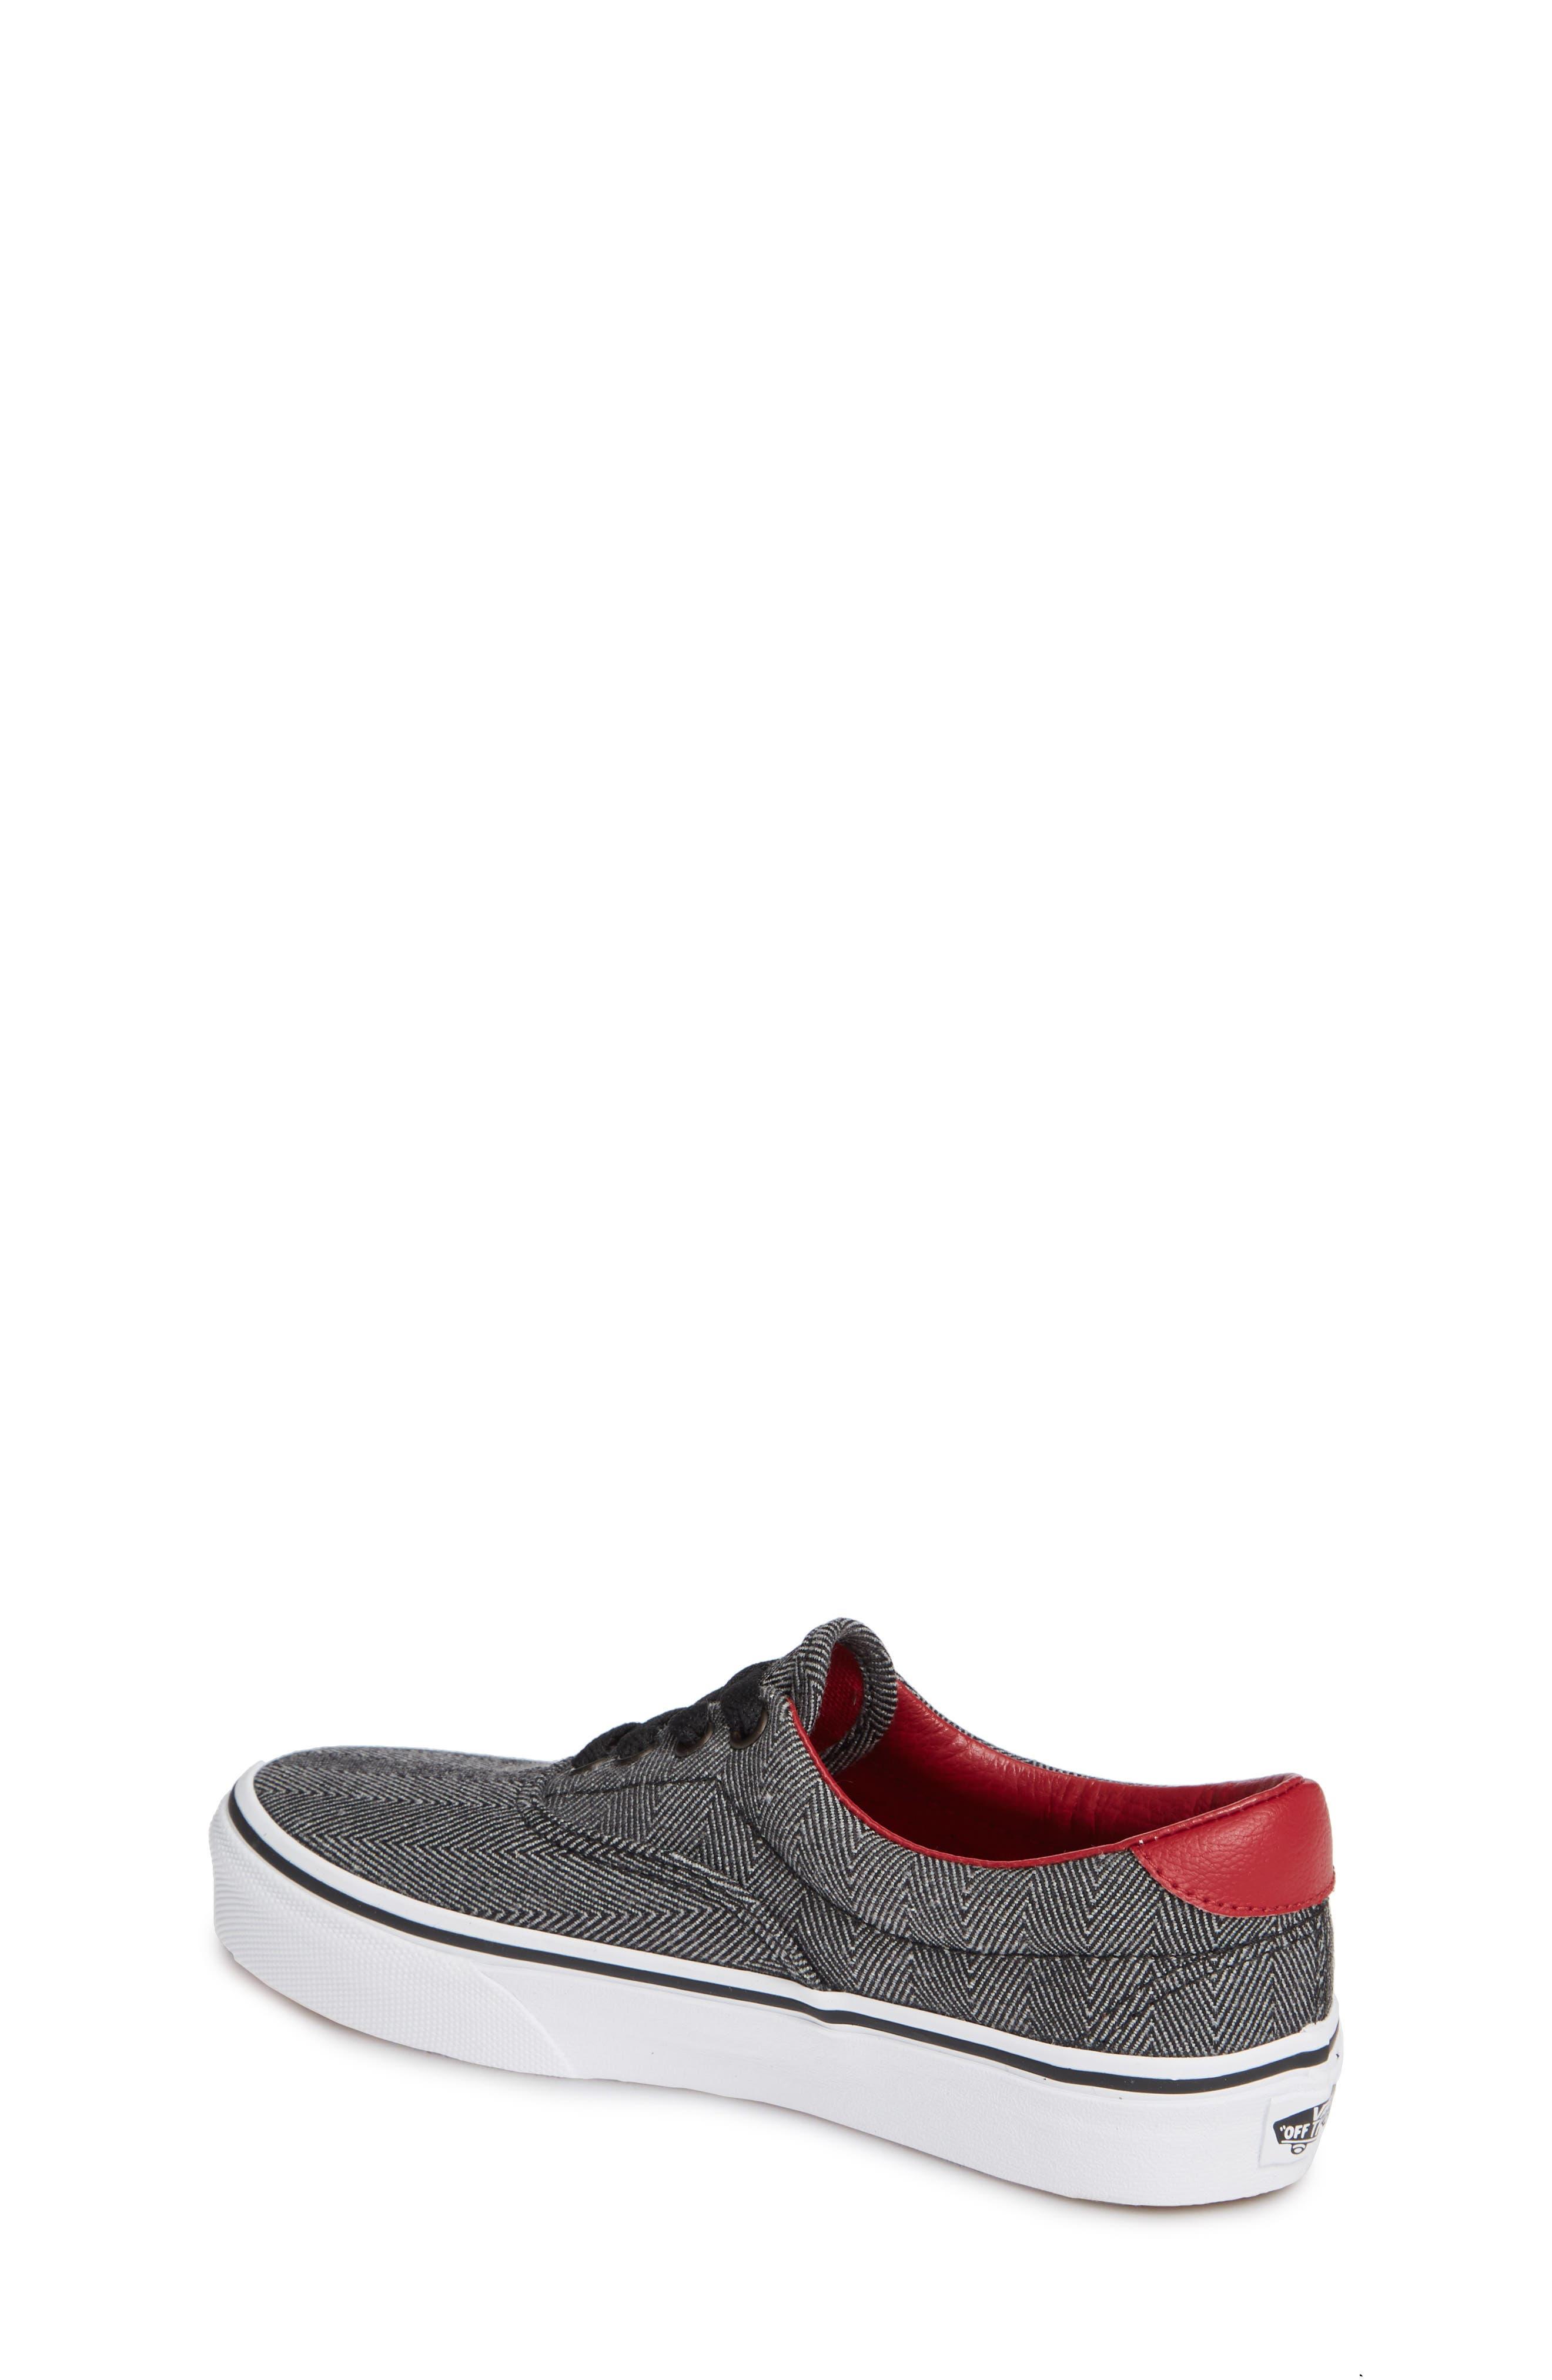 Era 59 Bleacher Sneaker,                             Alternate thumbnail 2, color,                             002